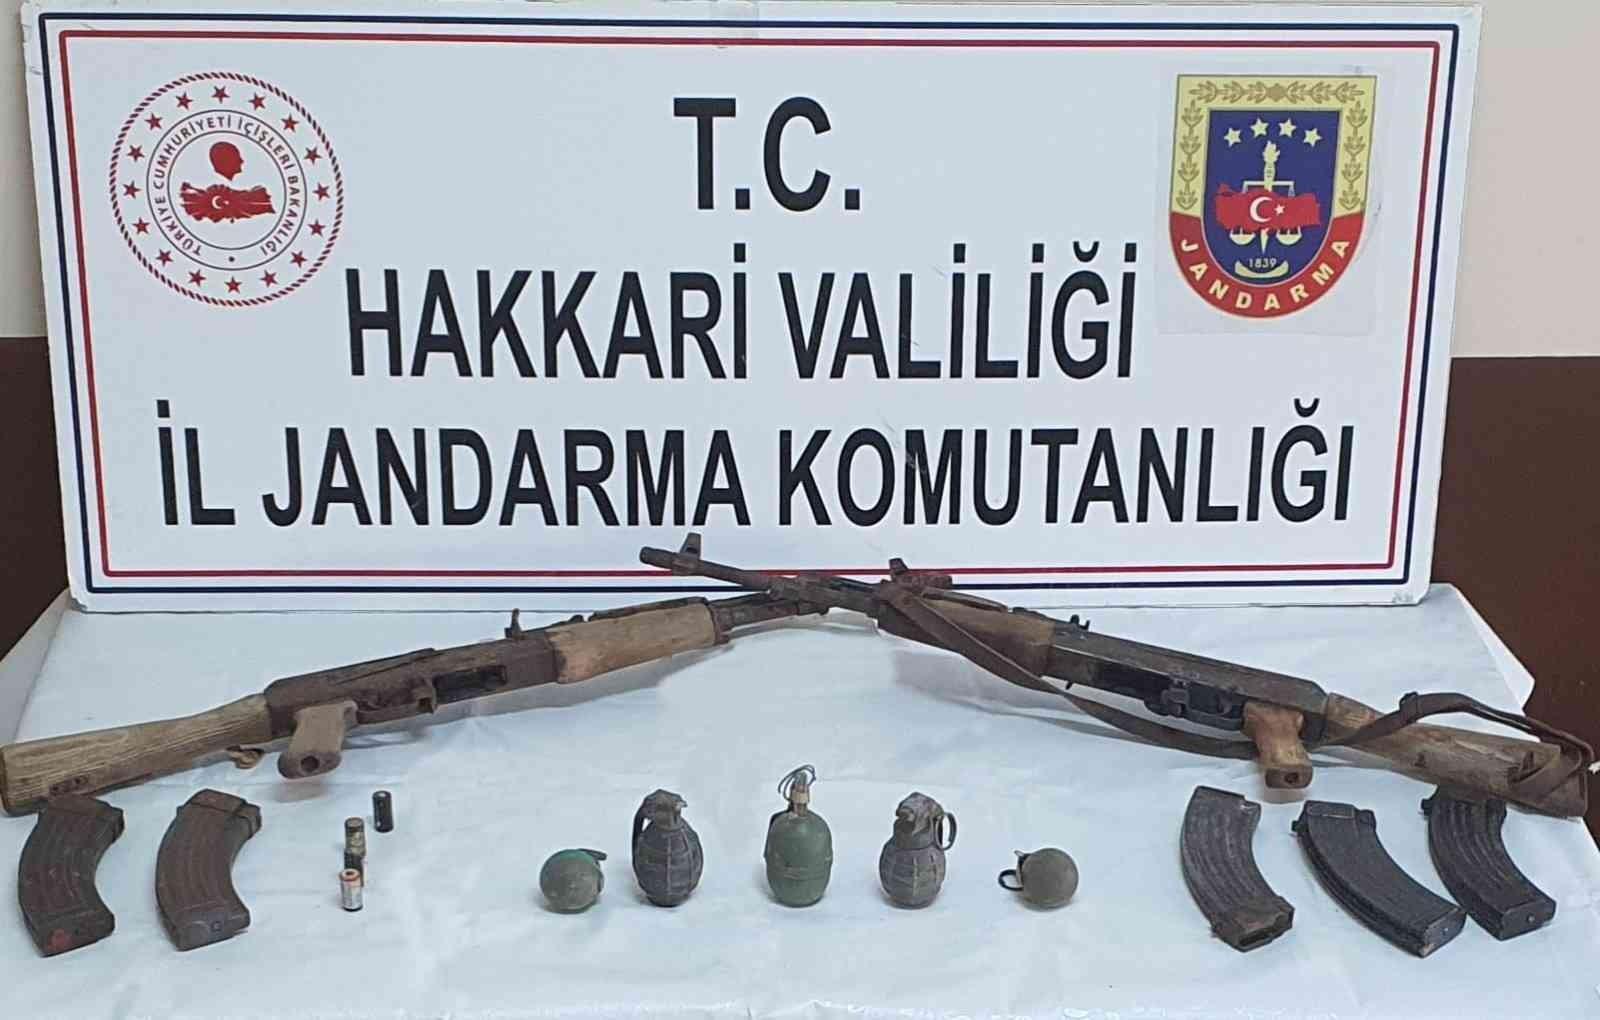 Yüksekova kırsalındaki mağarada mühimmat ele geçirildi #hakkari